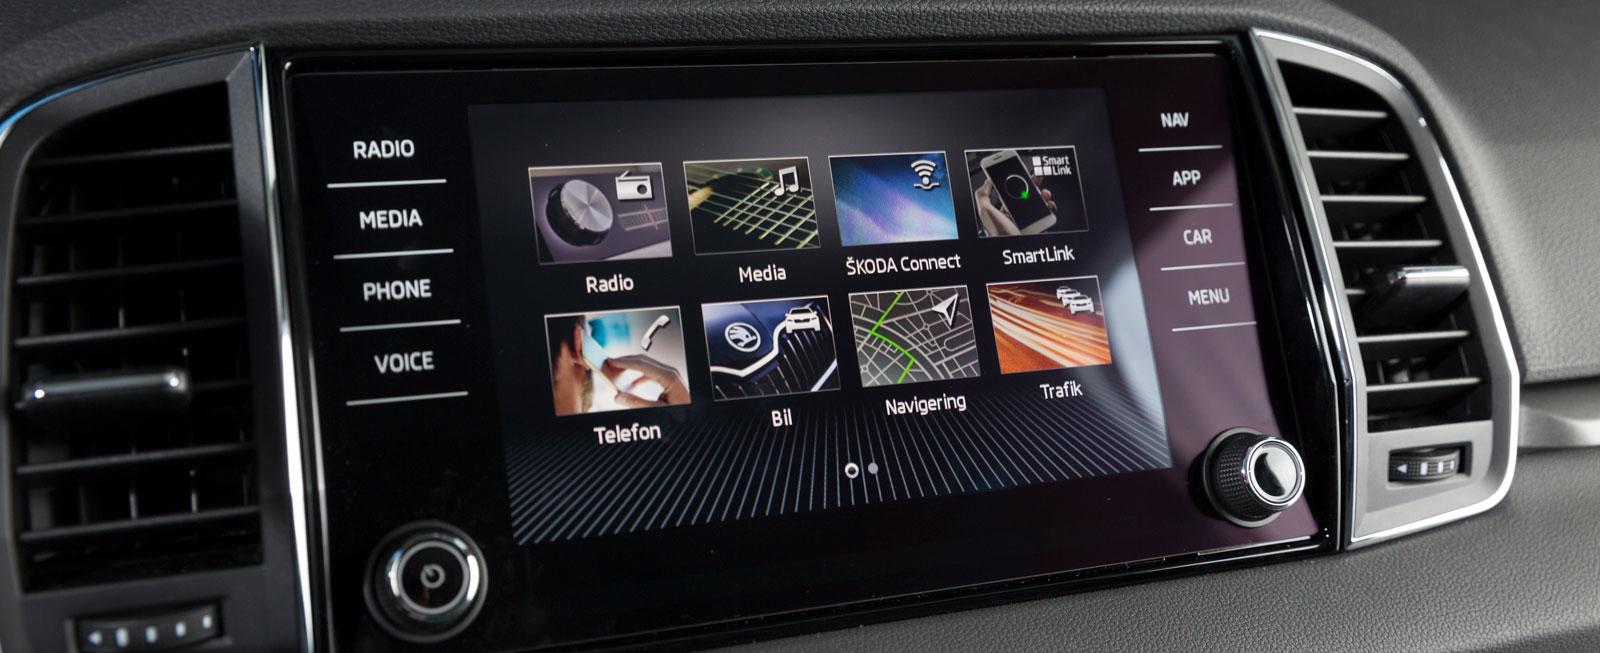 Karoq har fått den senaste versionen av VW:s menysystem. Stor skärm med kristallklar upplösning redan från grundversionen. Mest användarvänlig i testet.